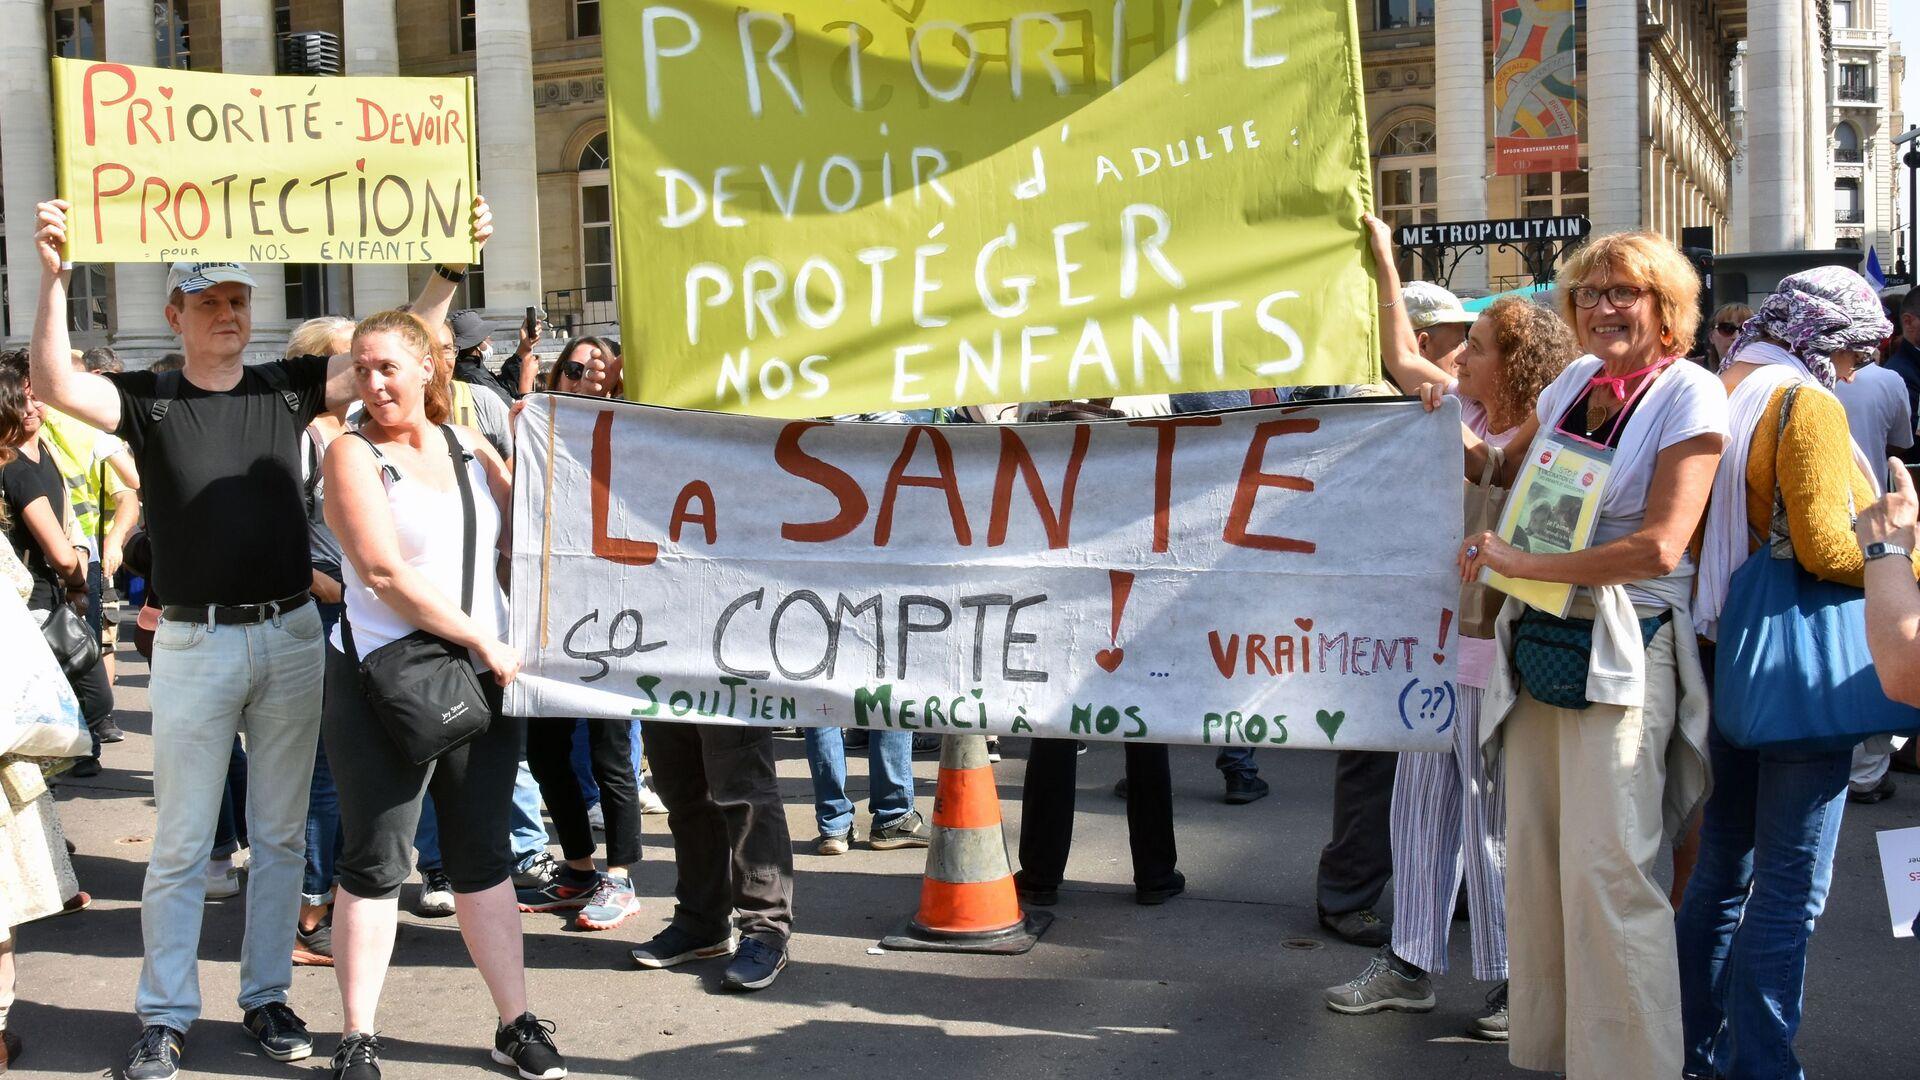 Uczestnicy podczas protestów przeciwko ograniczeniom COVID w Paryżu we Francji - Sputnik Polska, 1920, 25.09.2021